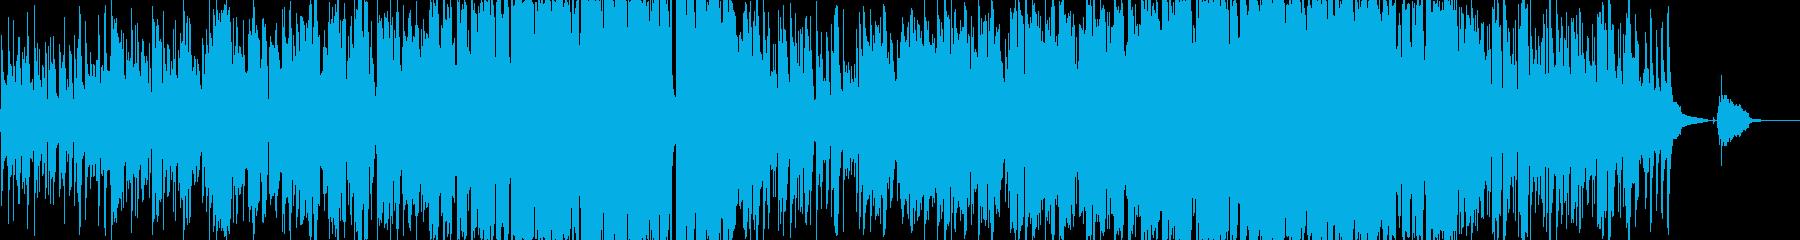 穏やかな優しいフォークソングの再生済みの波形